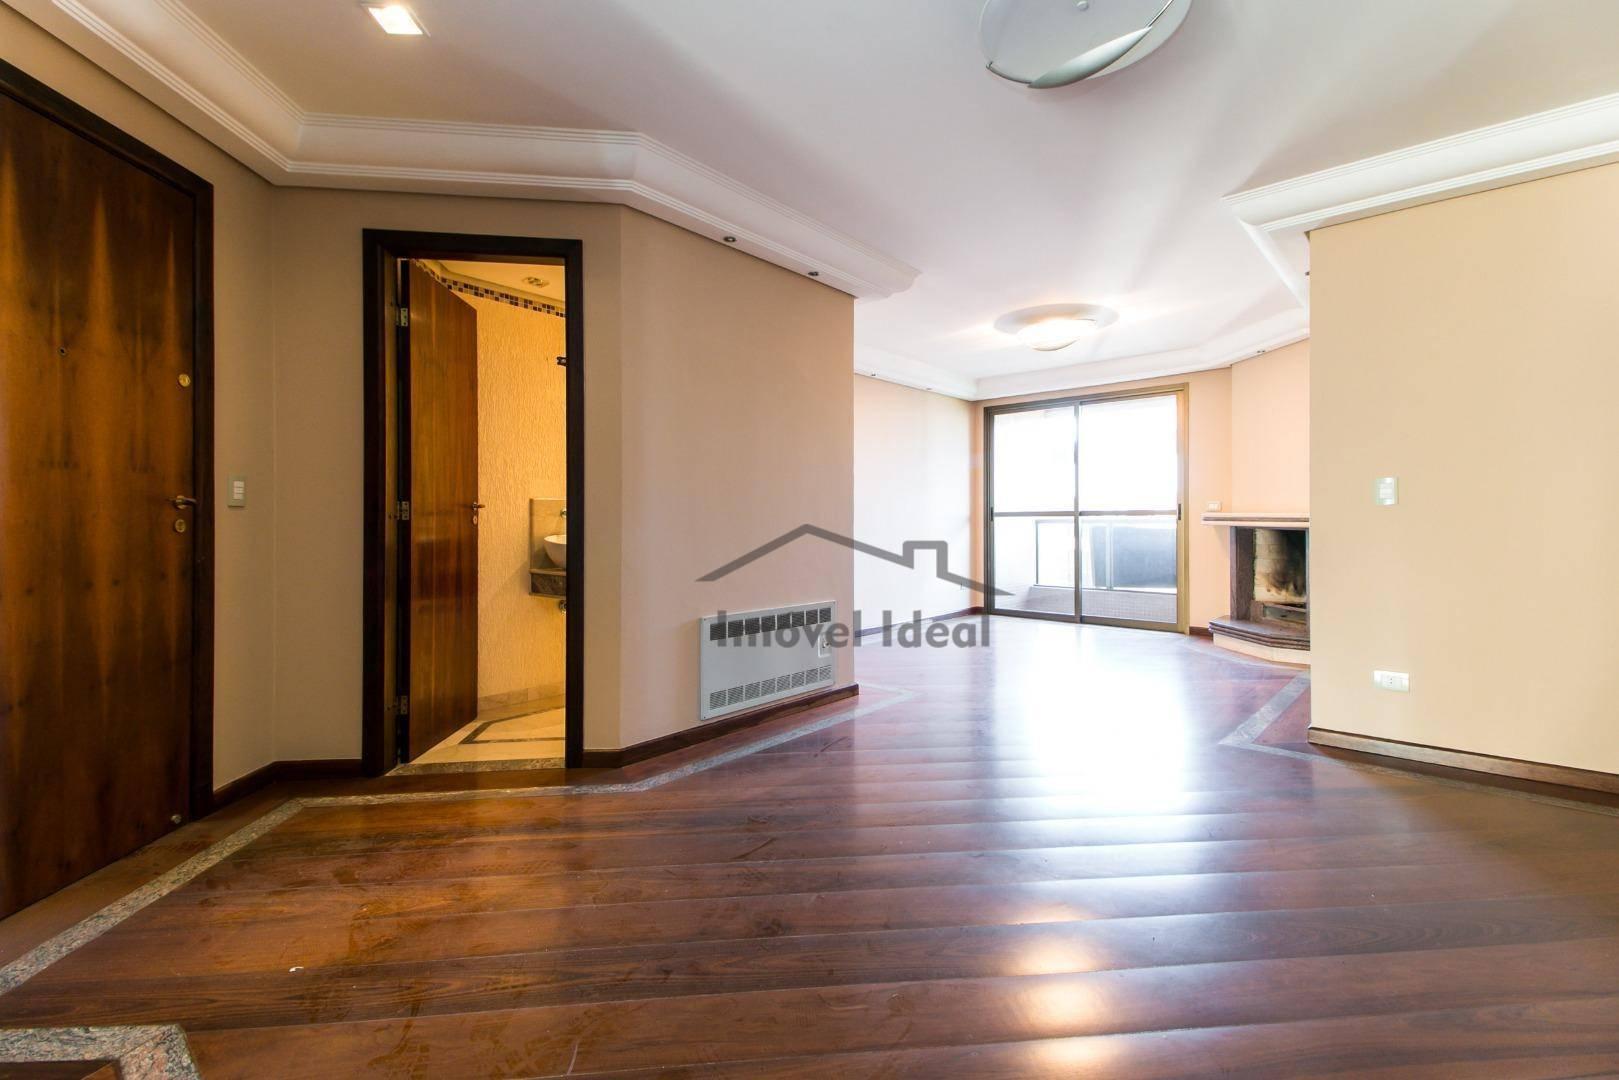 apartamentos em condominio para comprar em curitiba altodagloria